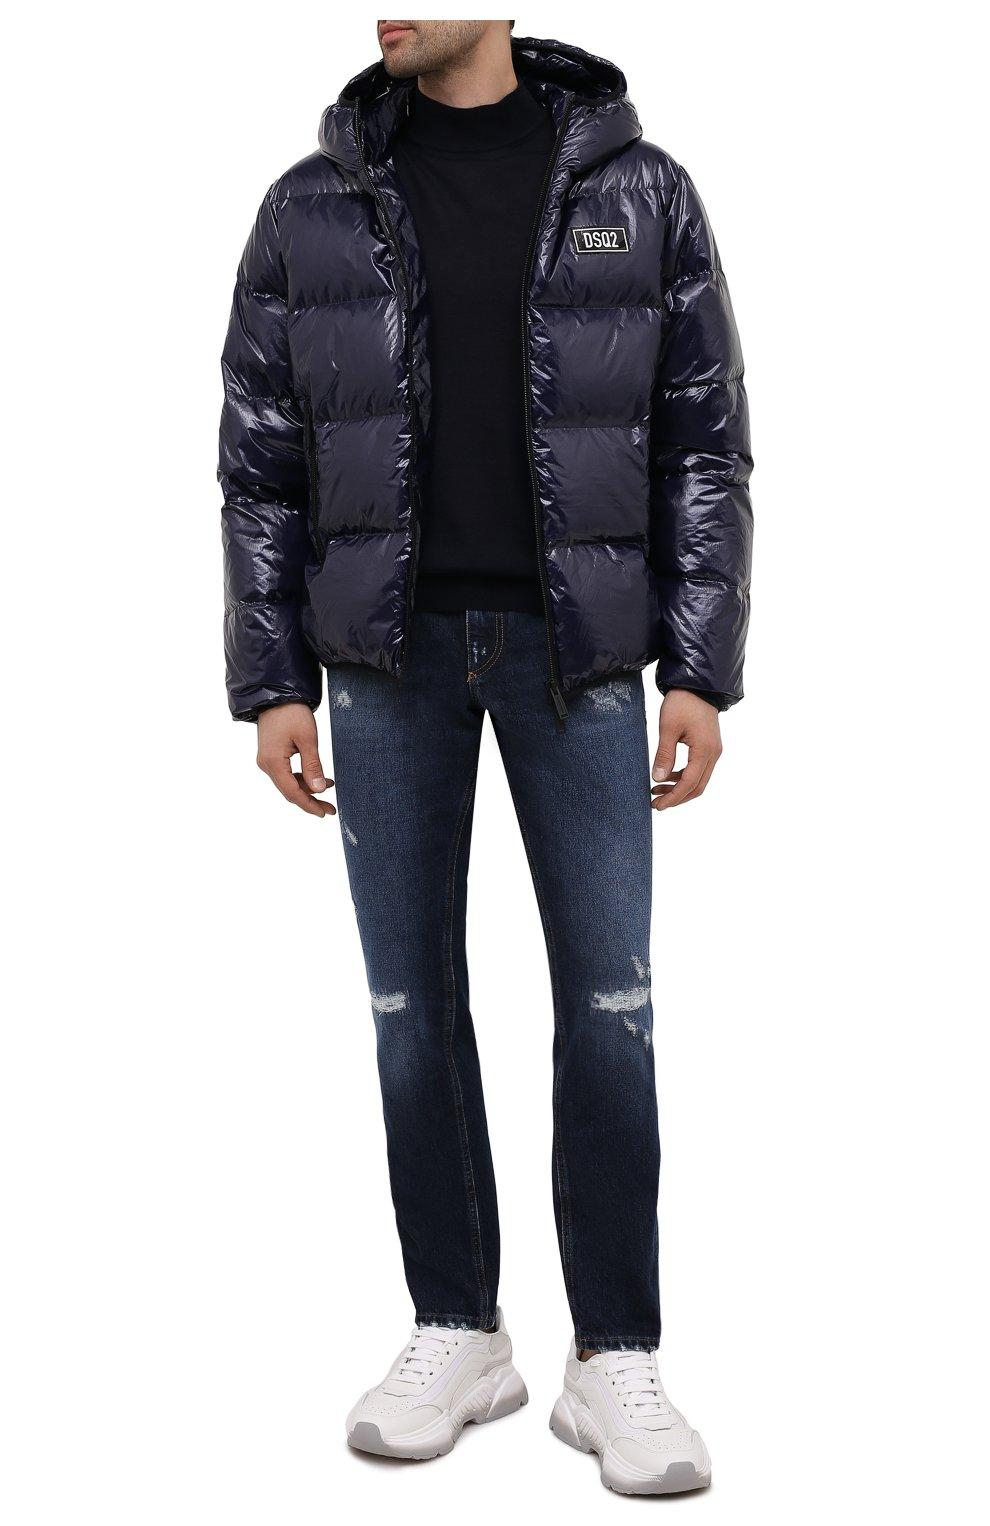 Мужская пуховая куртка DSQUARED2 темно-синего цвета, арт. S74AM1201/S54056   Фото 2 (Кросс-КТ: Куртка; Мужское Кросс-КТ: пуховик-короткий; Рукава: Длинные; Материал внешний: Синтетический материал; Стили: Гранж; Материал подклада: Синтетический материал; Длина (верхняя одежда): Короткие; Материал утеплителя: Пух и перо)